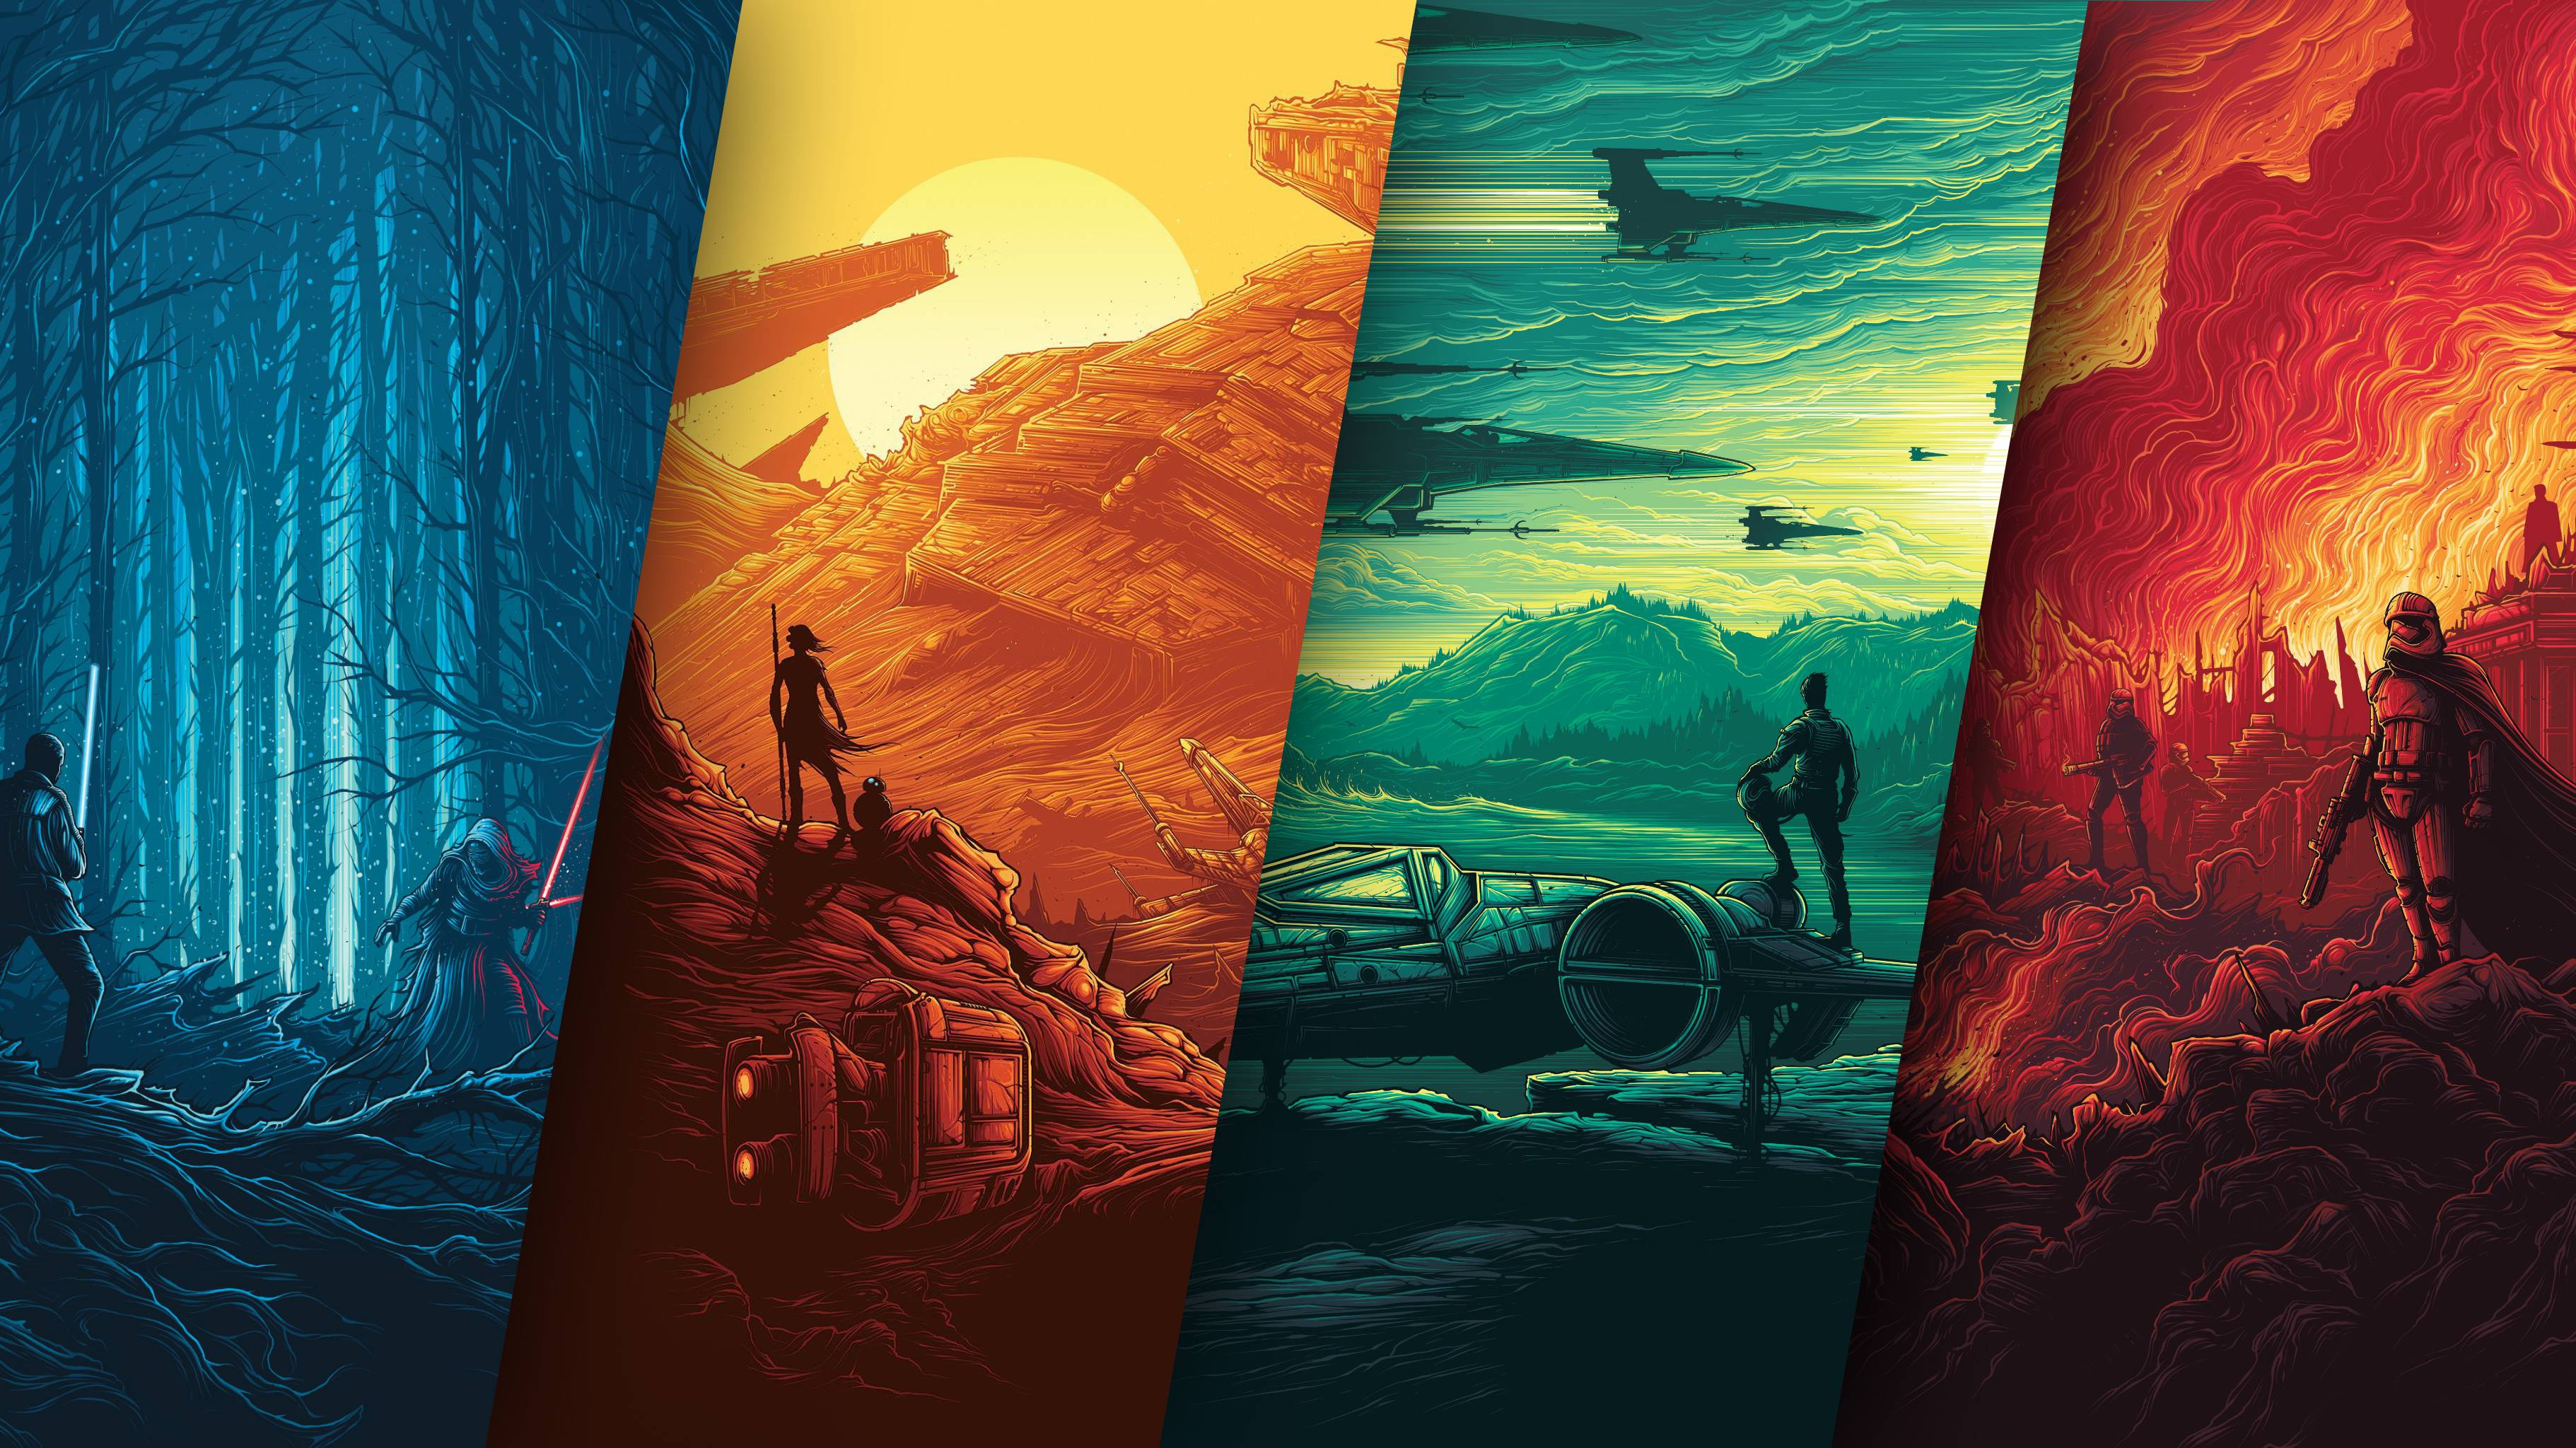 Fondos de pantalla Star Wars El despertar de la Fuerza Poster